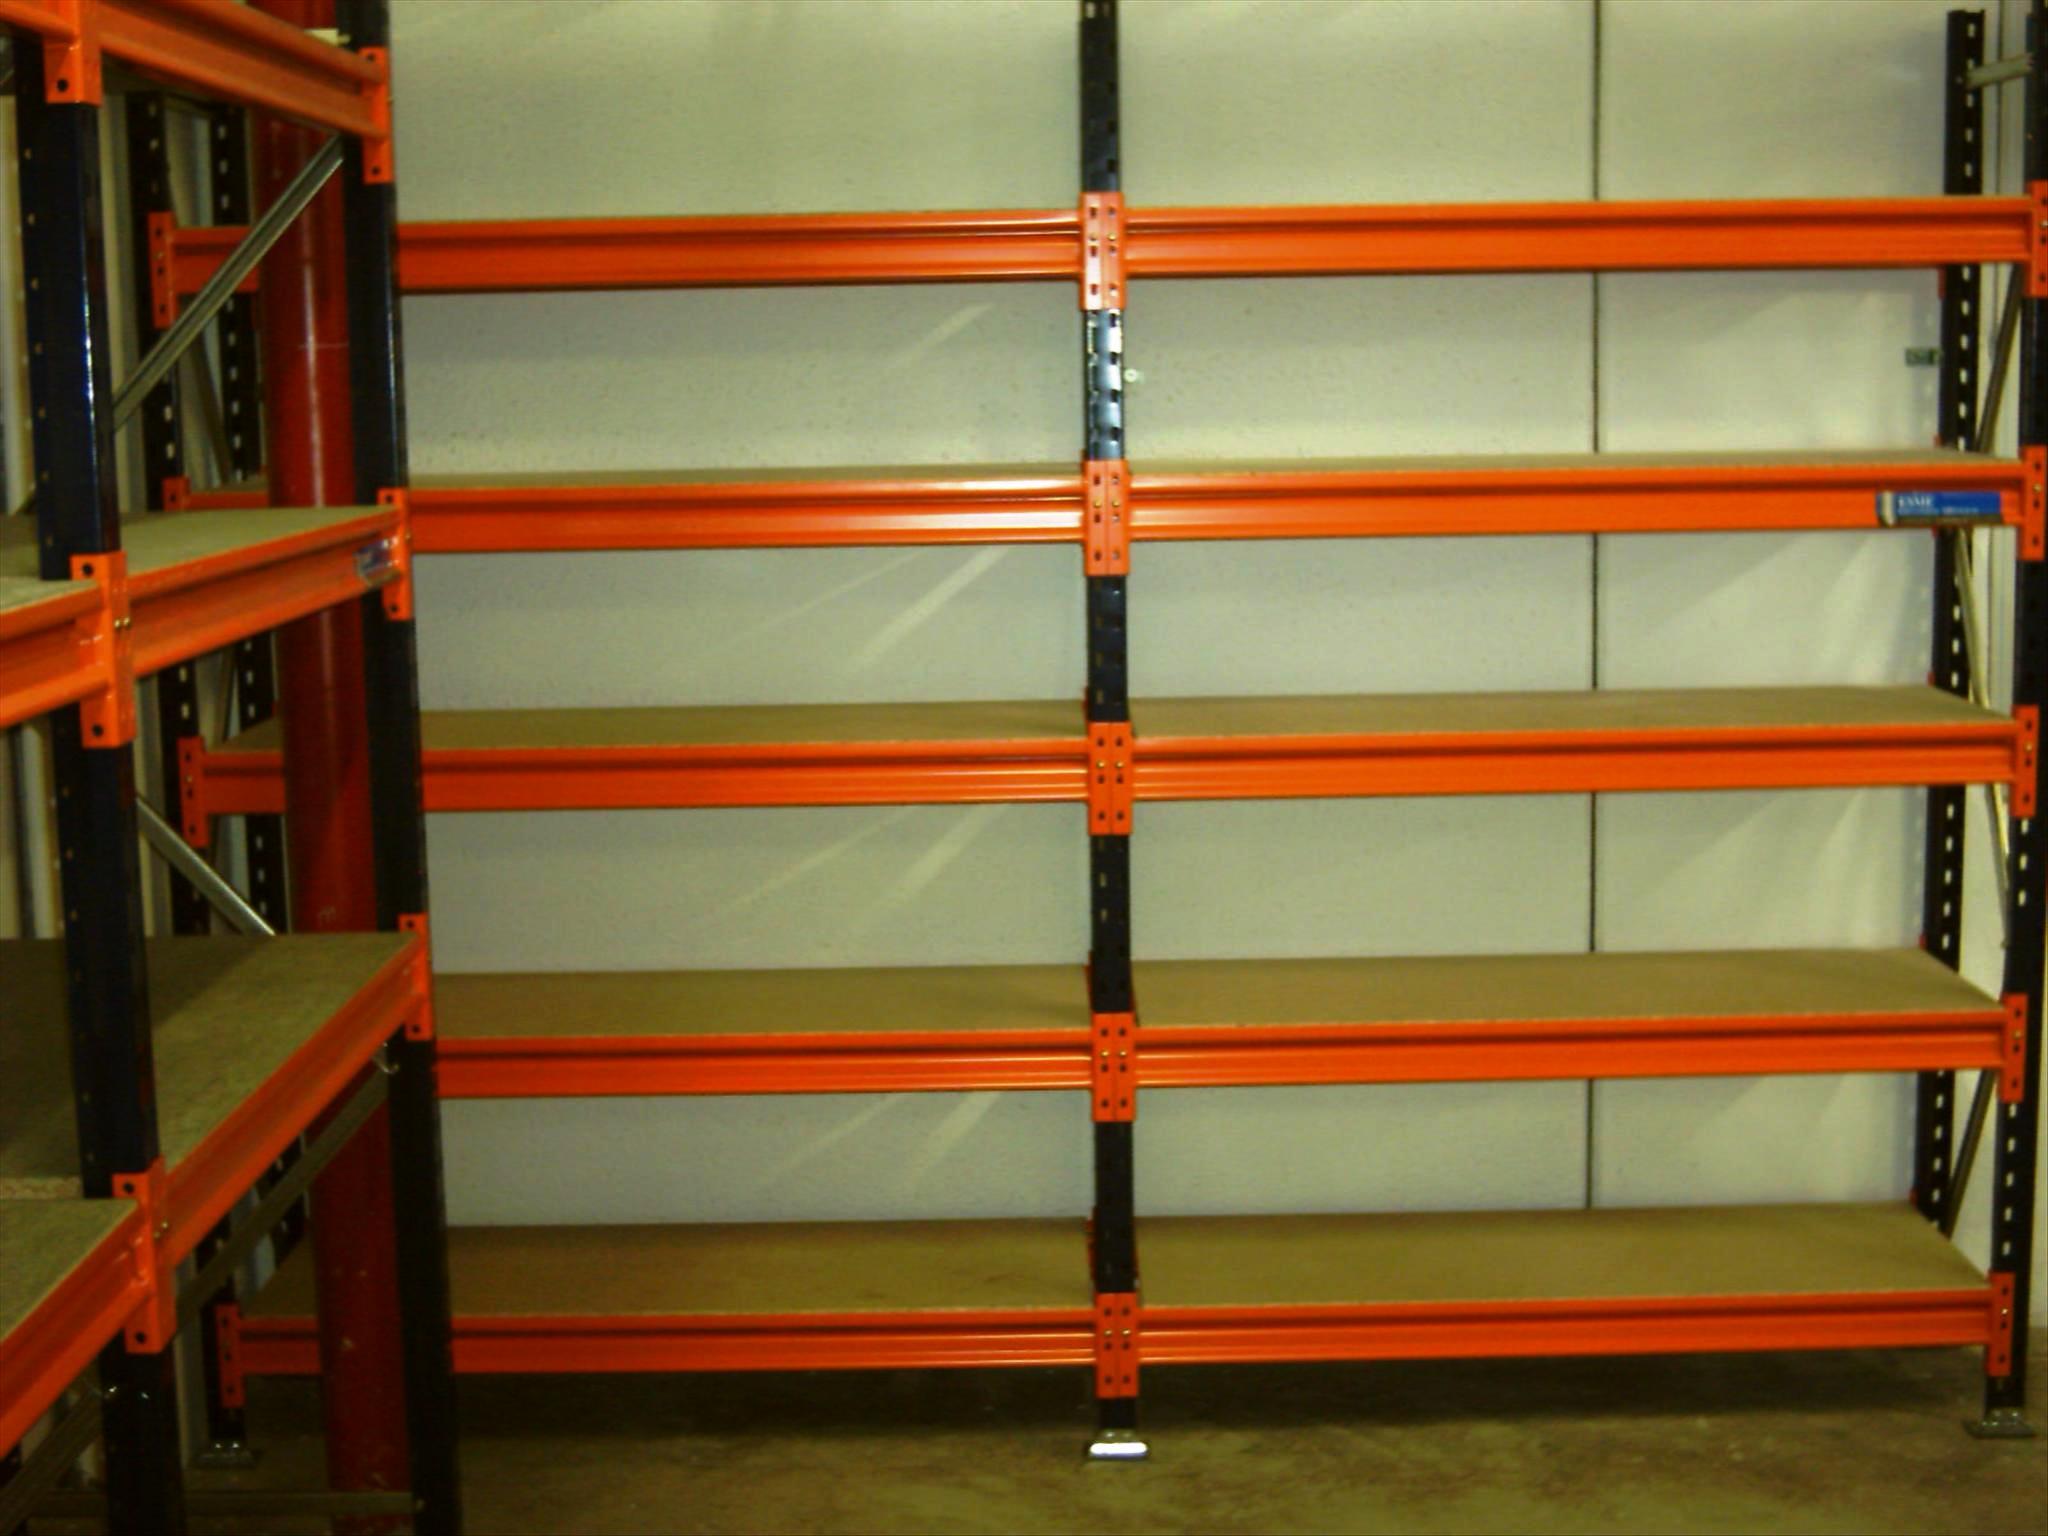 Estanterias metalicas de media carga con estante de tablero ...